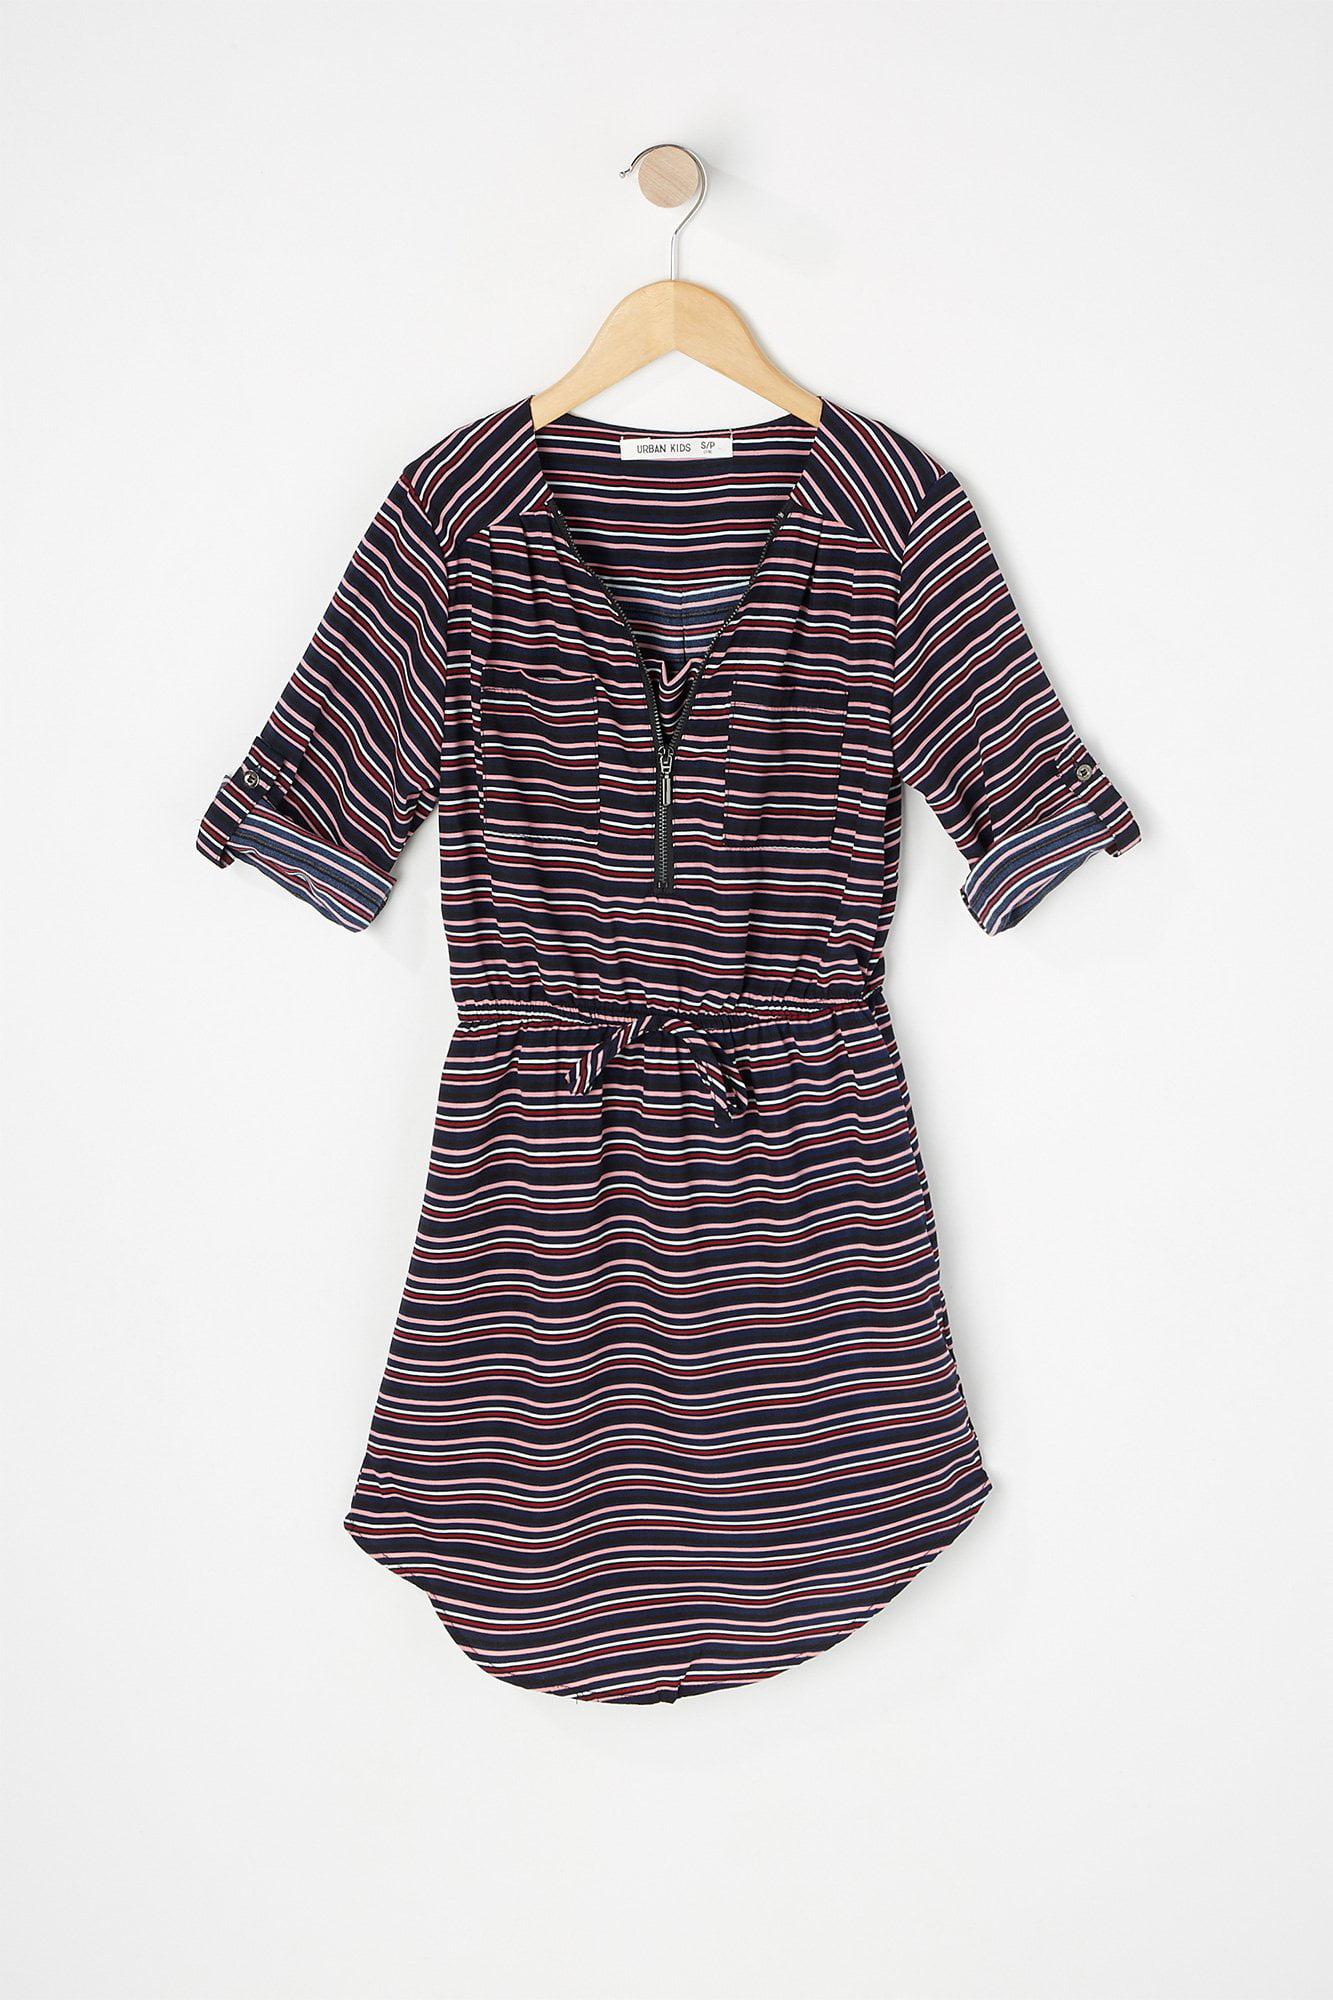 8282babe Urban Kids Youth Girls Printed Half-Zip Drawstring Dress | Walmart ...